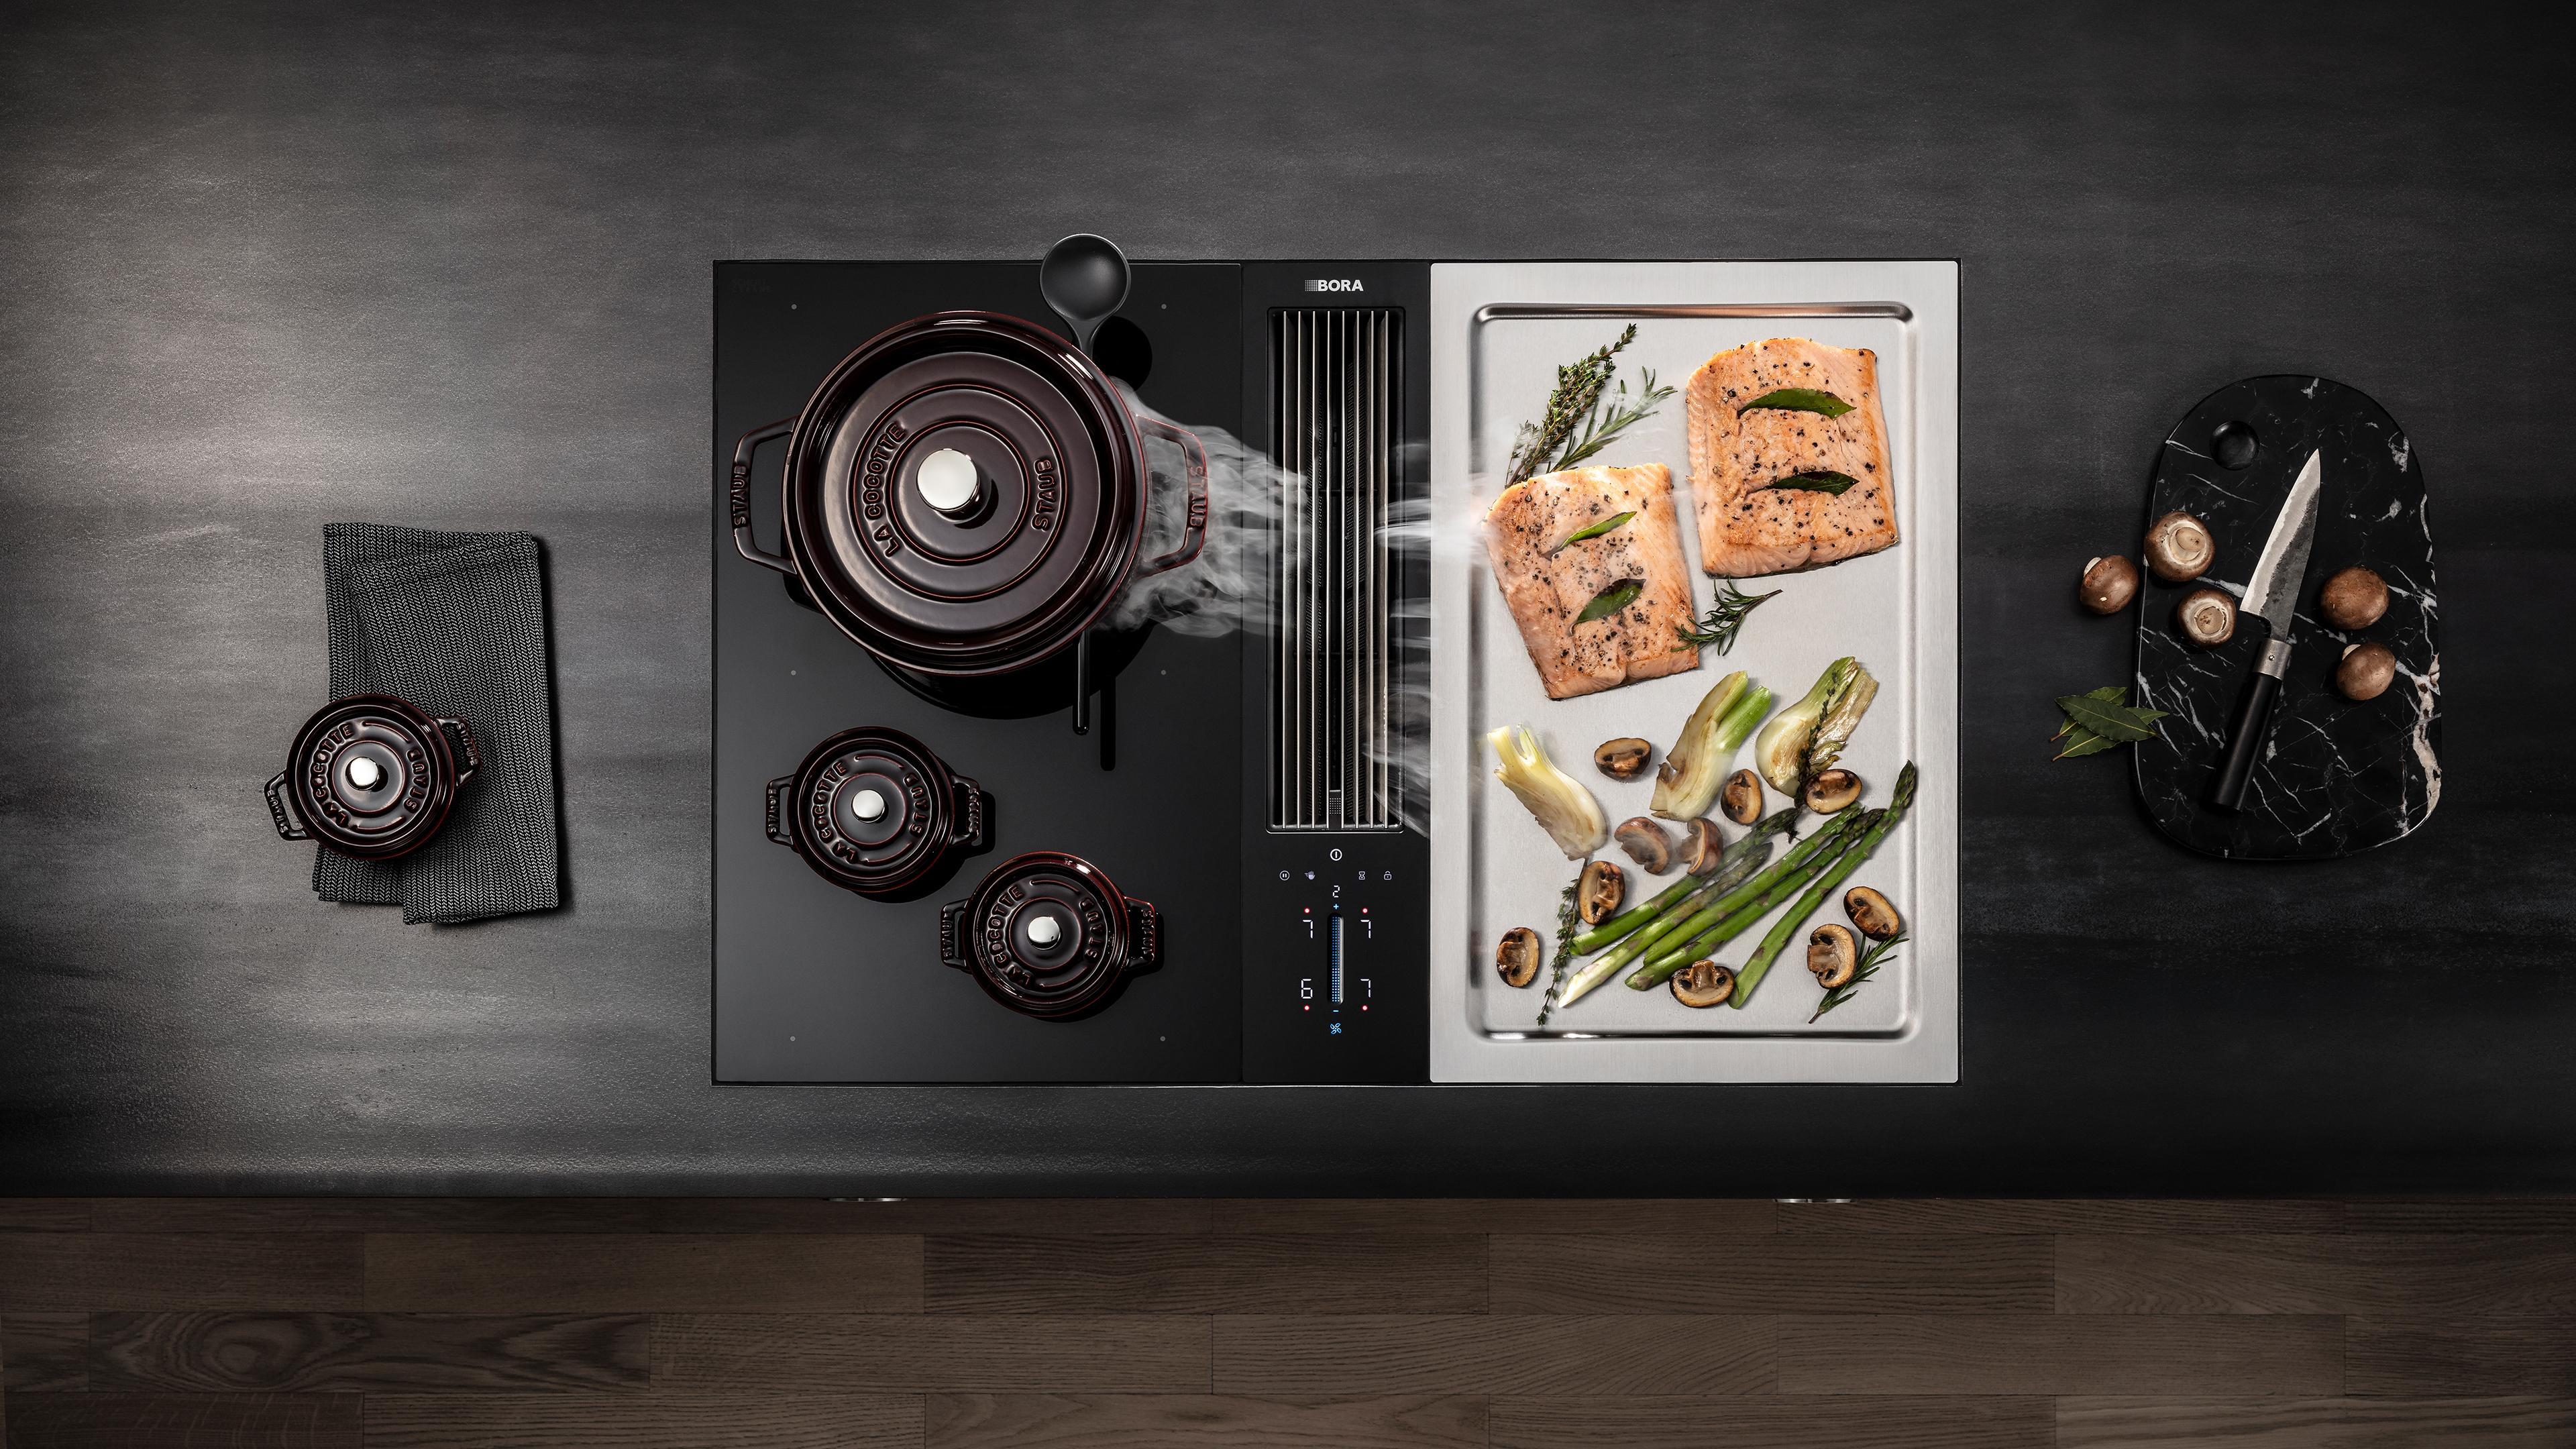 Cuisine traditionnelle et plancha avec hotte aspirante intégrée à la table de cuisson marque BORA